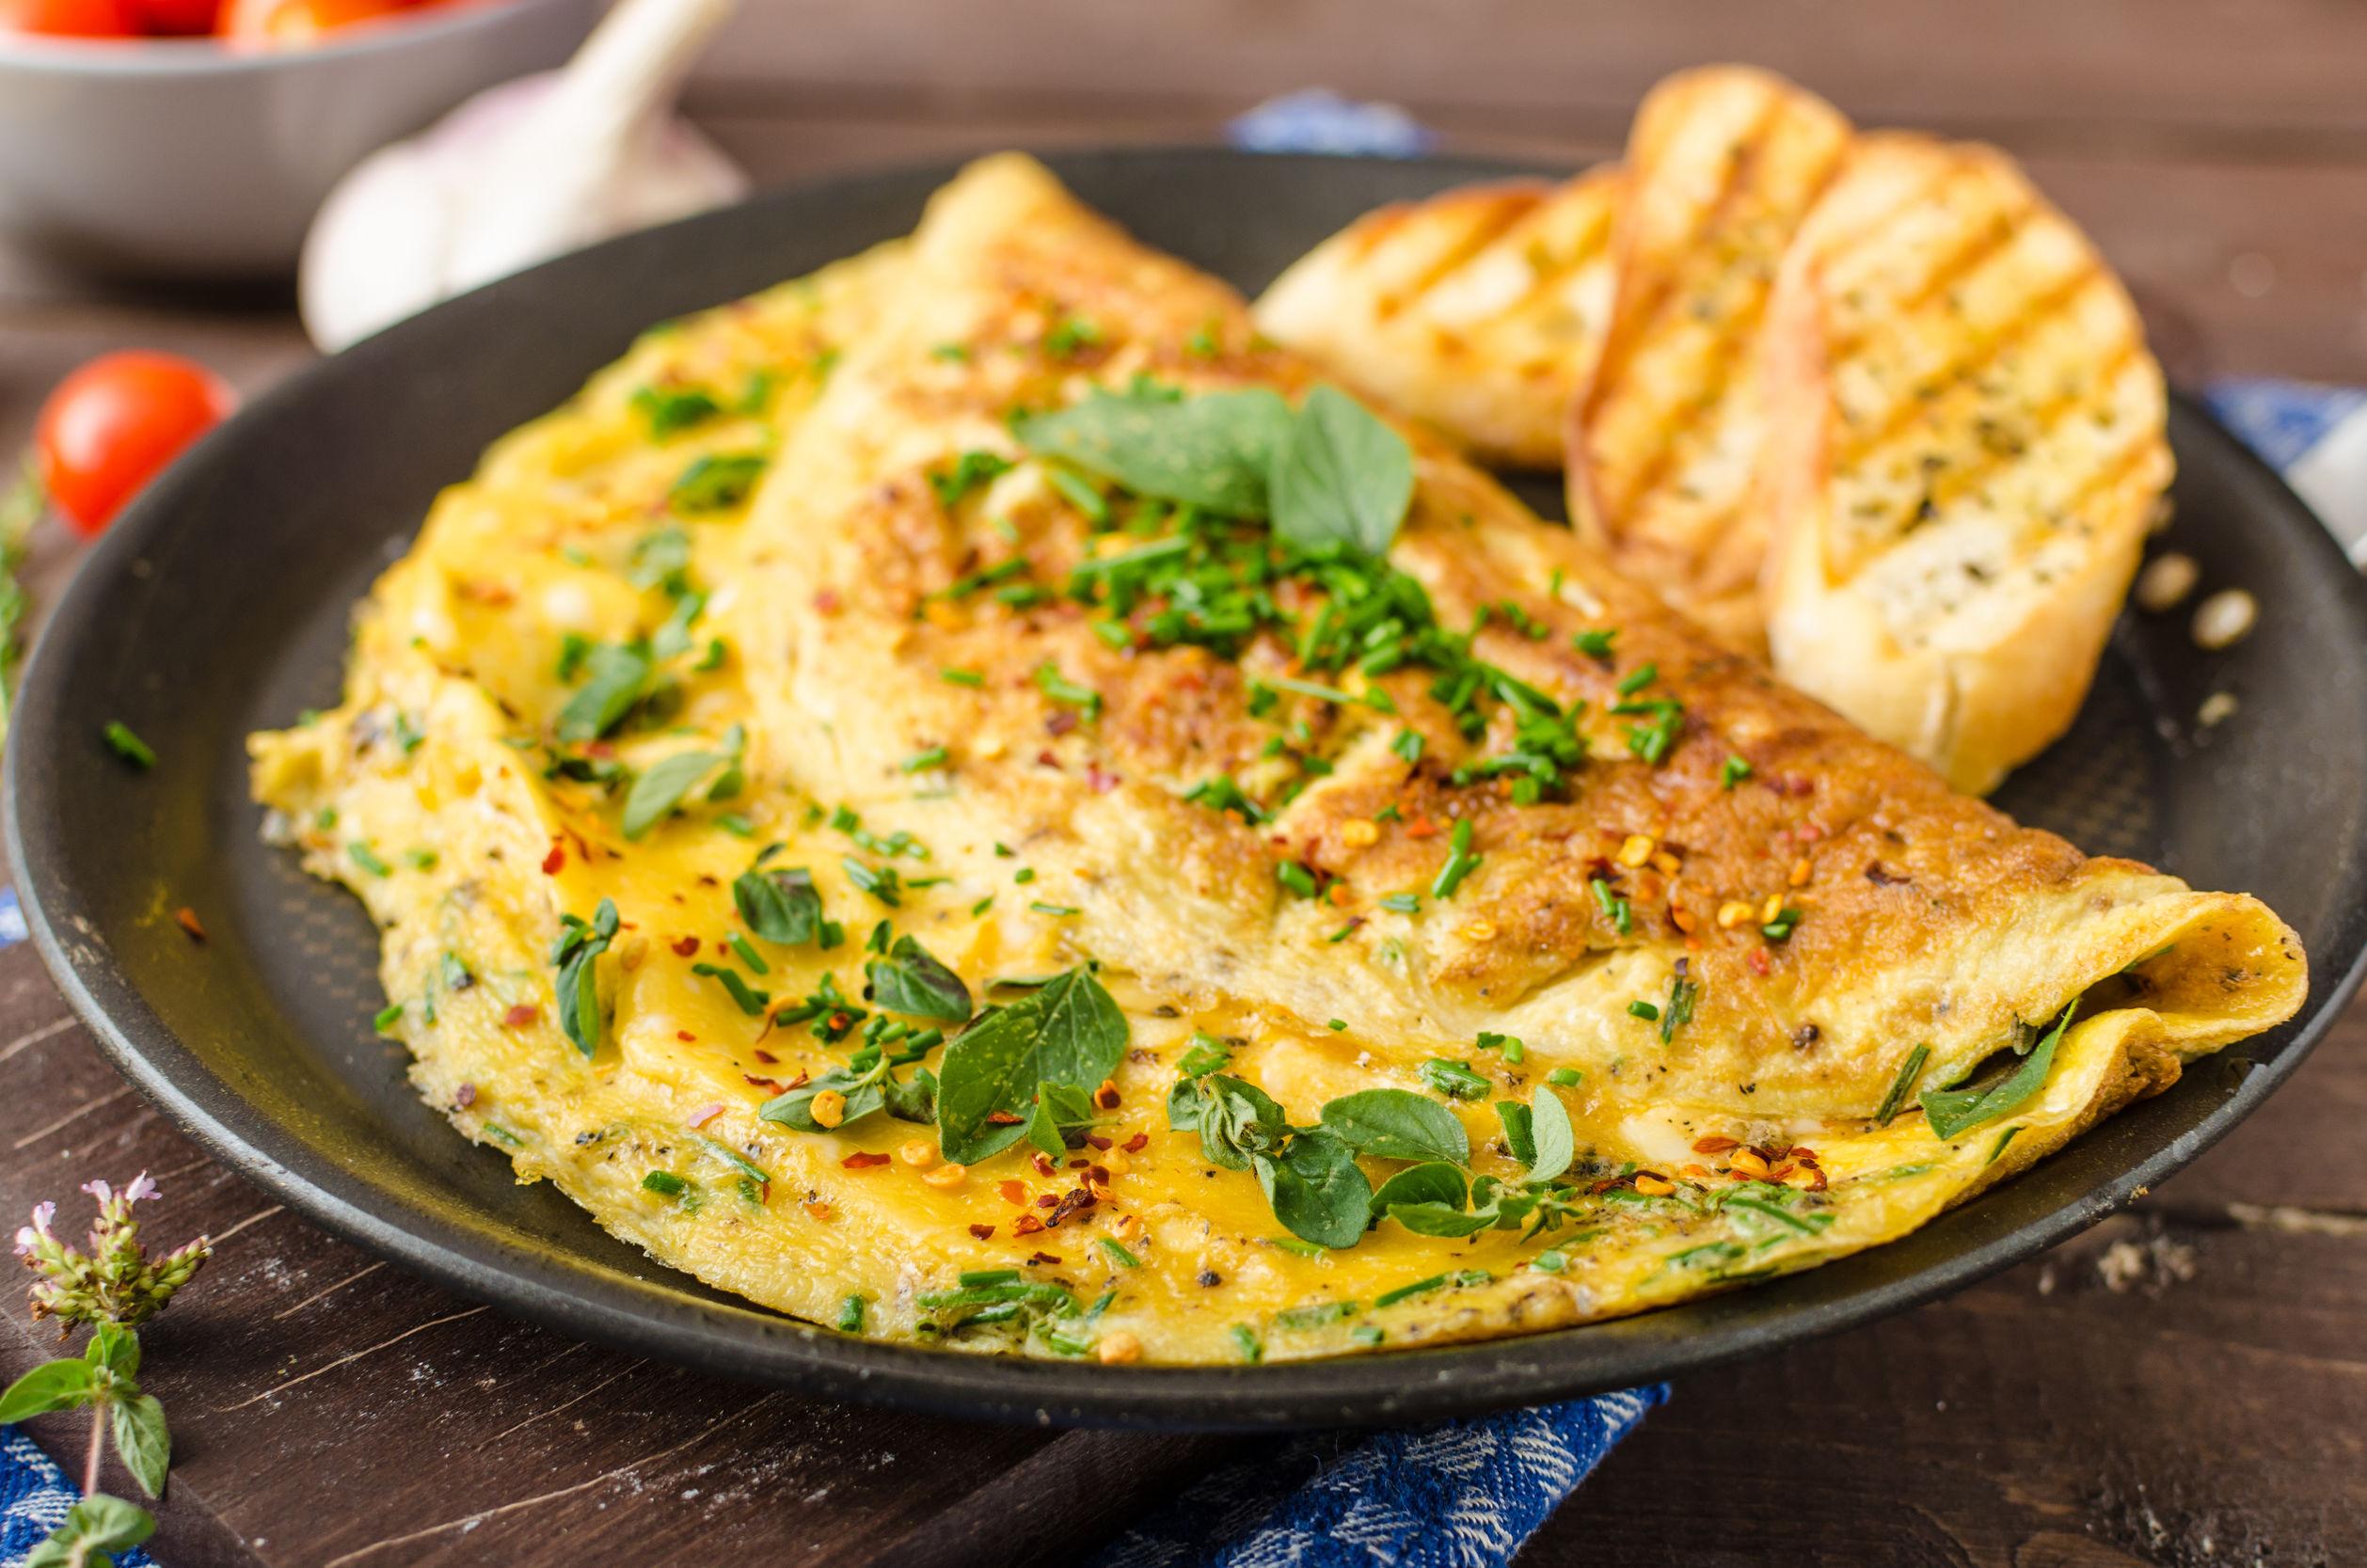 Evo Foods muốn hâm nóng thị trường thực phẩm Ấn Độ với trứng gốc thực vật